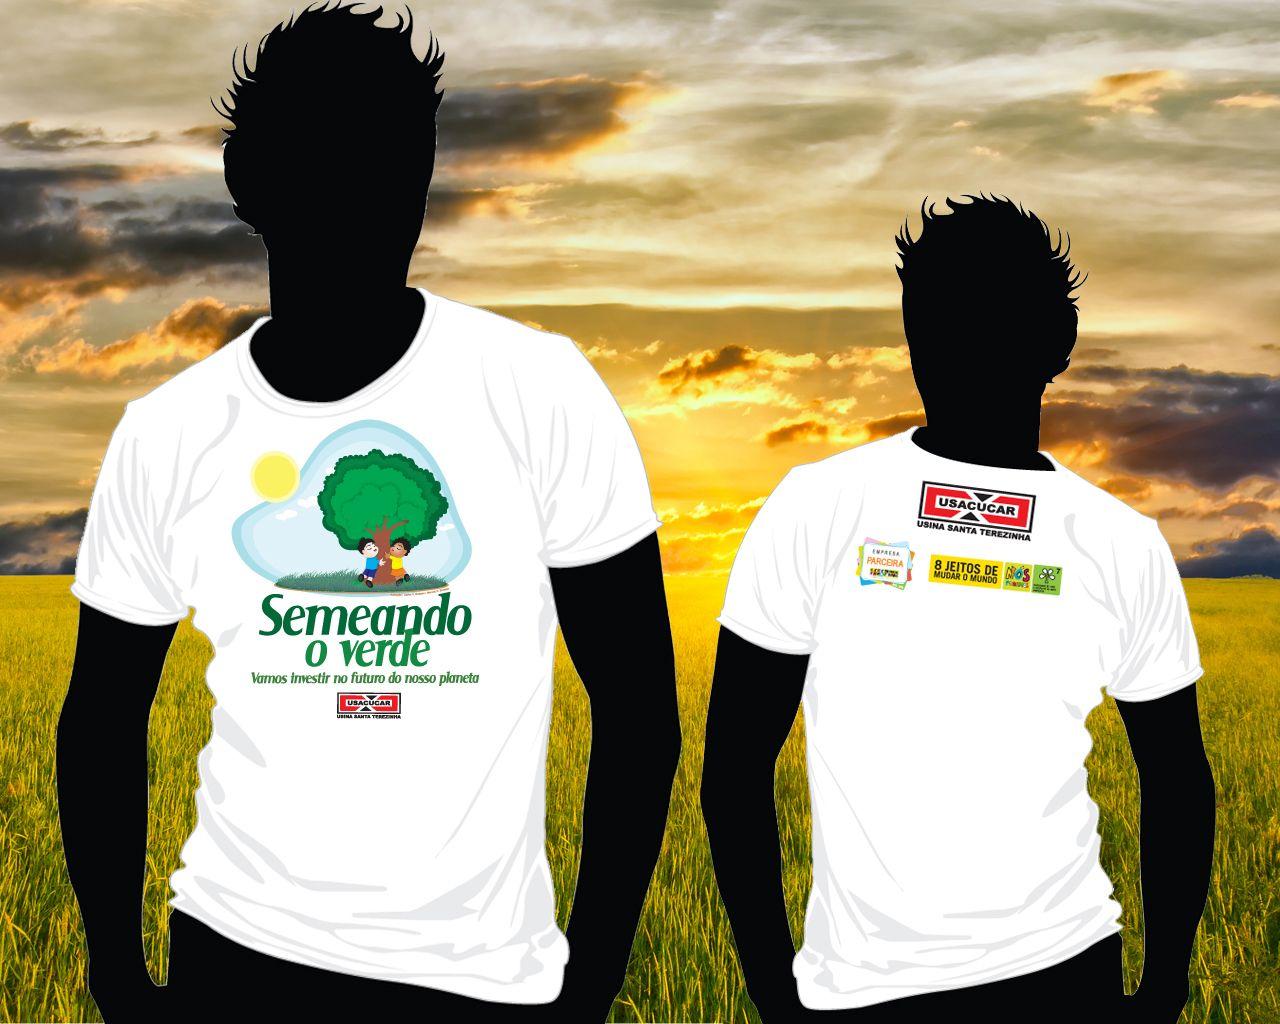 Camiseta criada para o projeto Semeando o Verde.